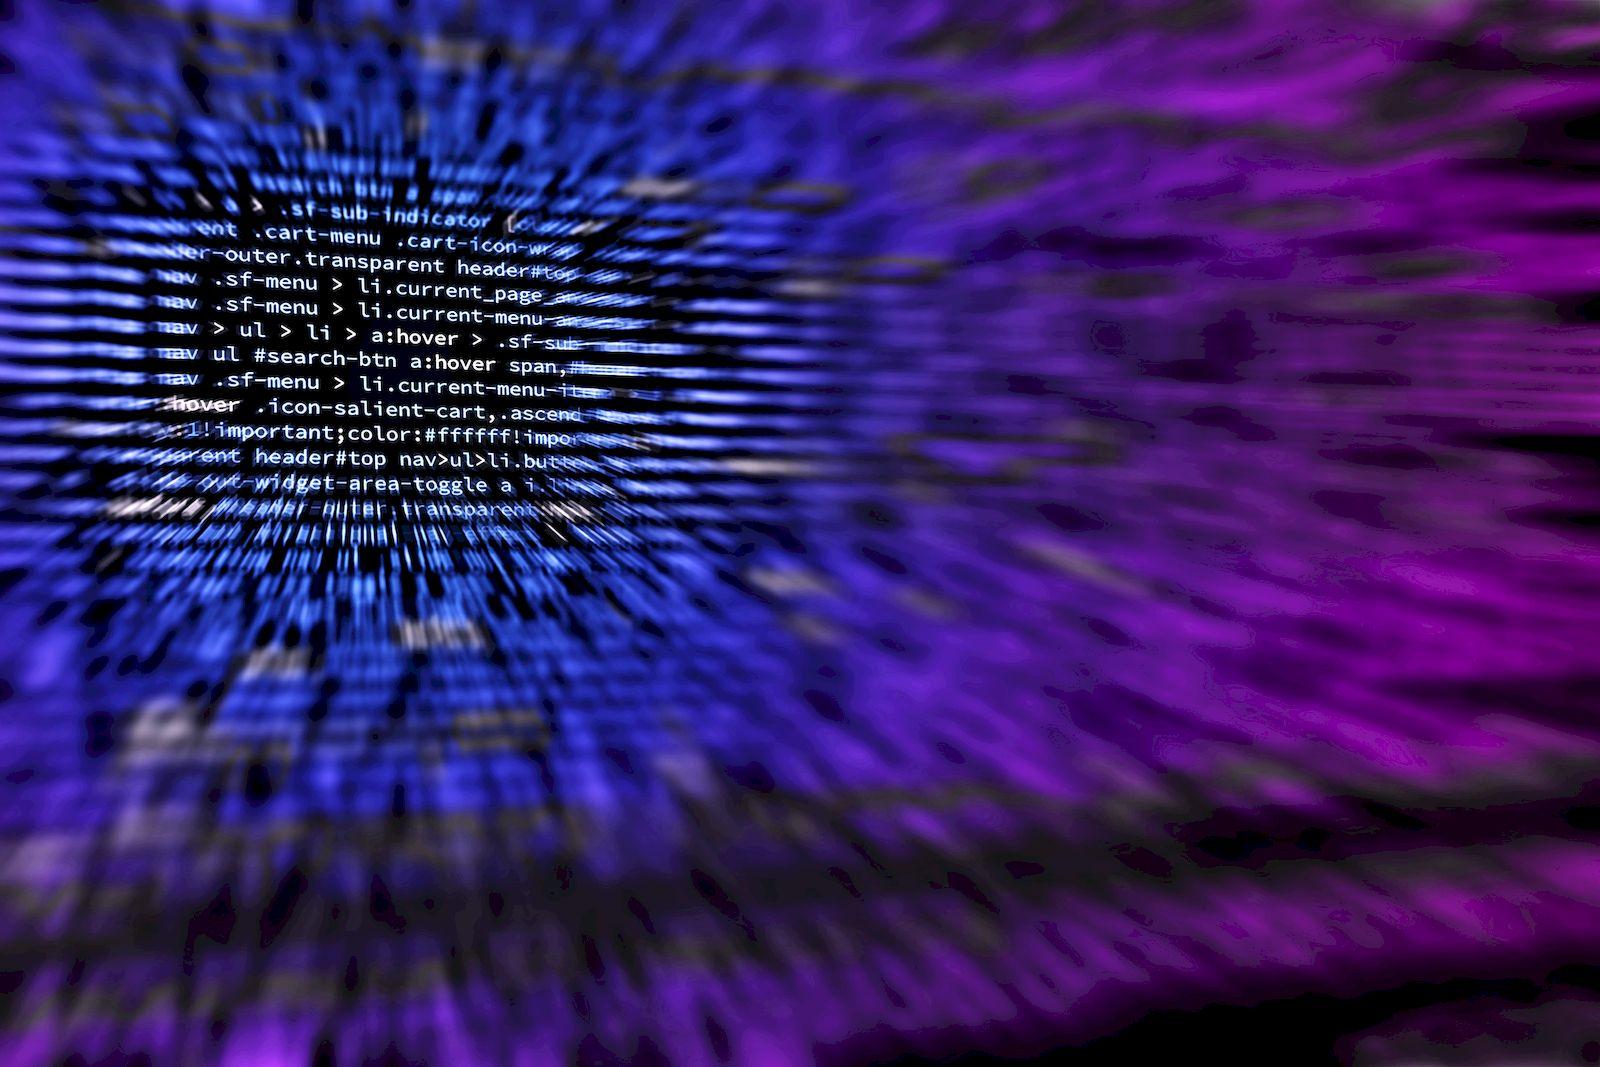 ¿Cómo instalar certificado SSL en Apache y Ubuntu?